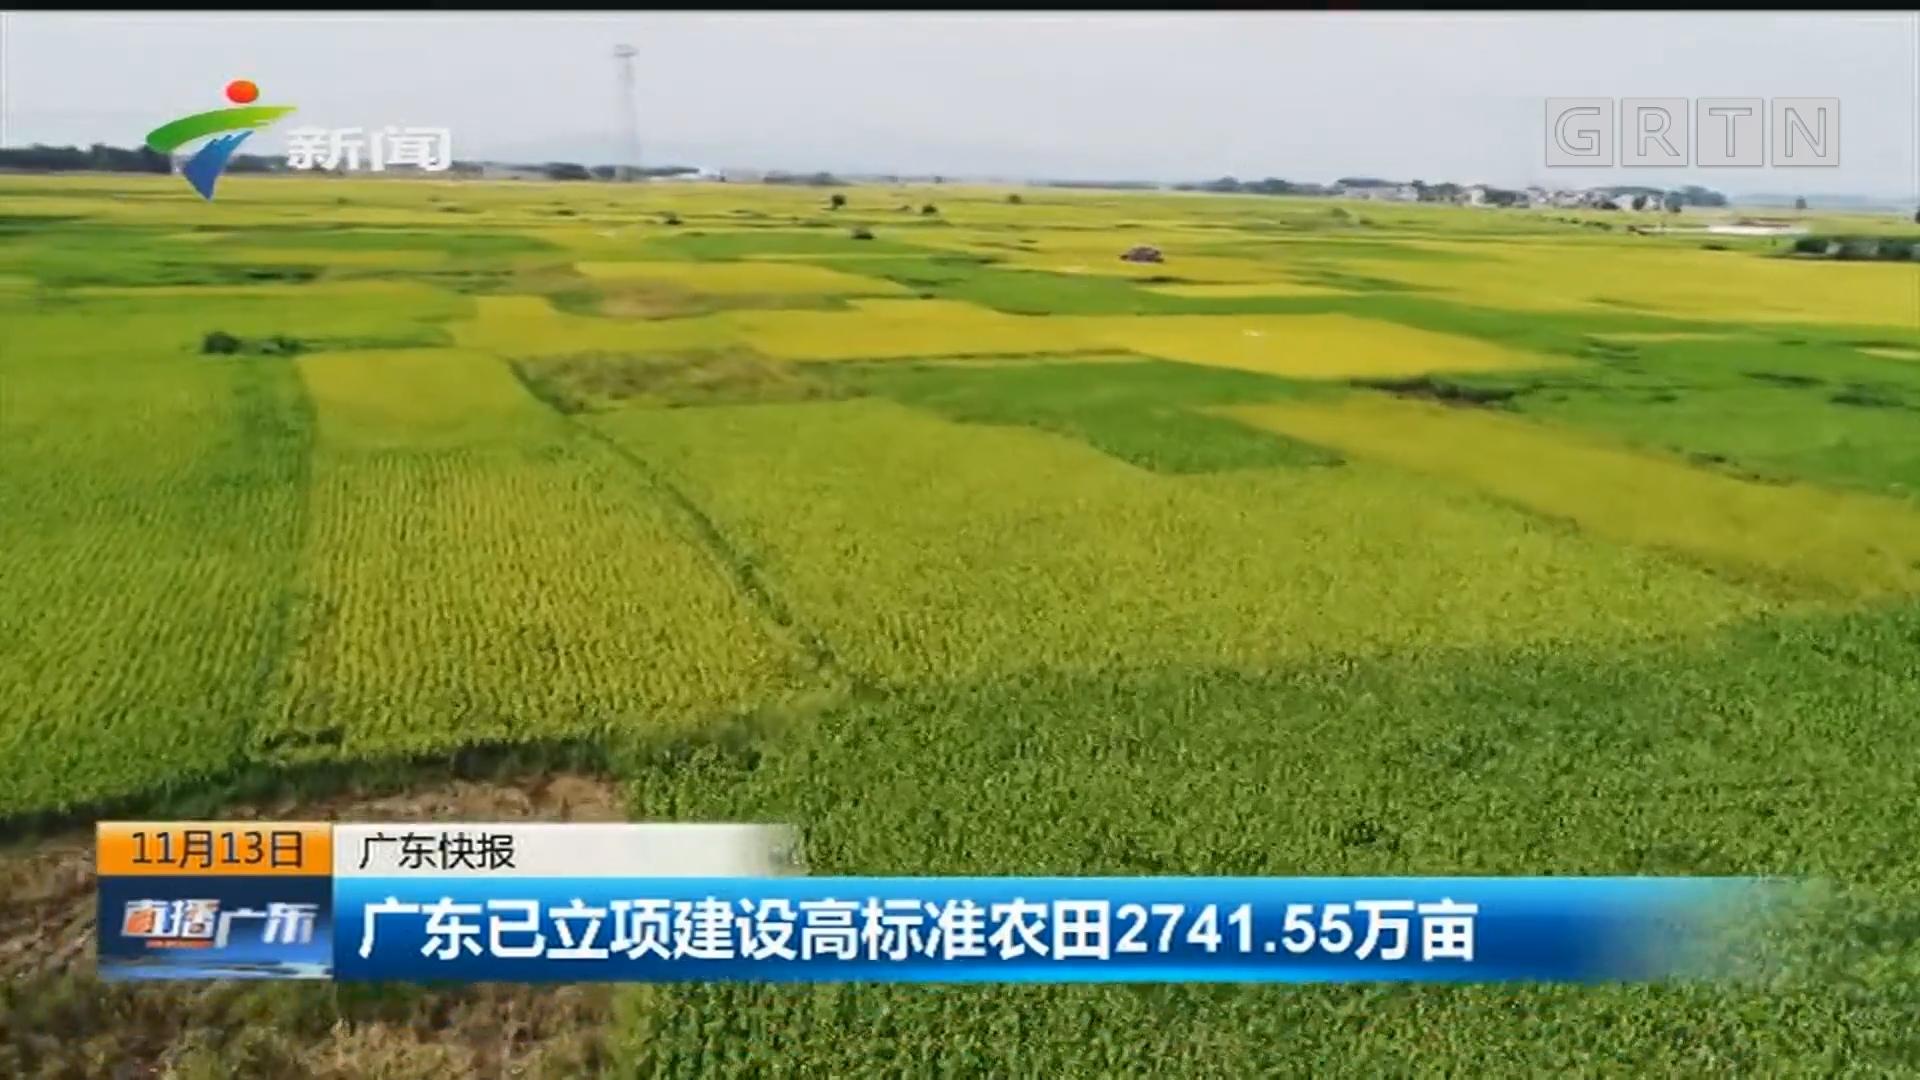 广东已立项建设高标准农田2741.55万亩